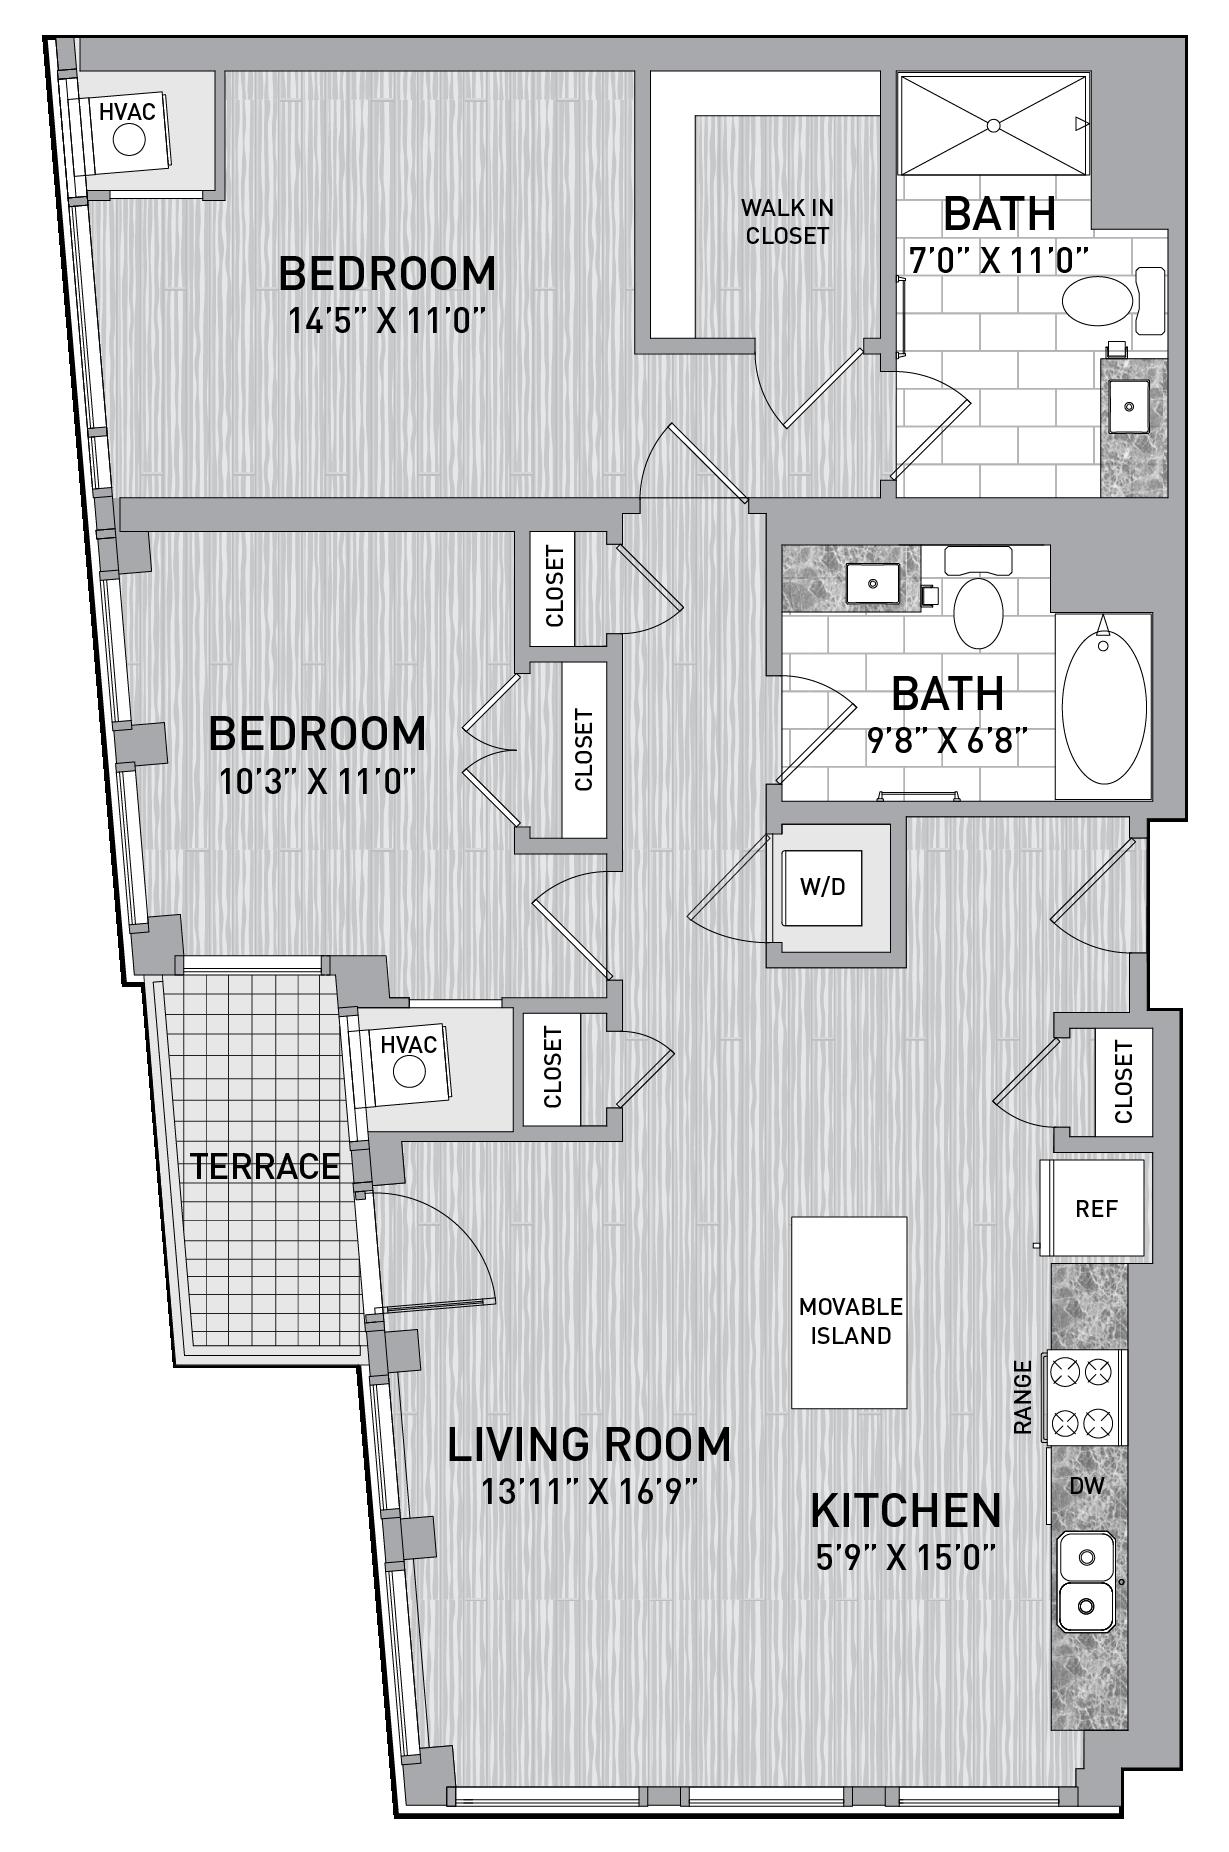 floorplan image of unit id 0620